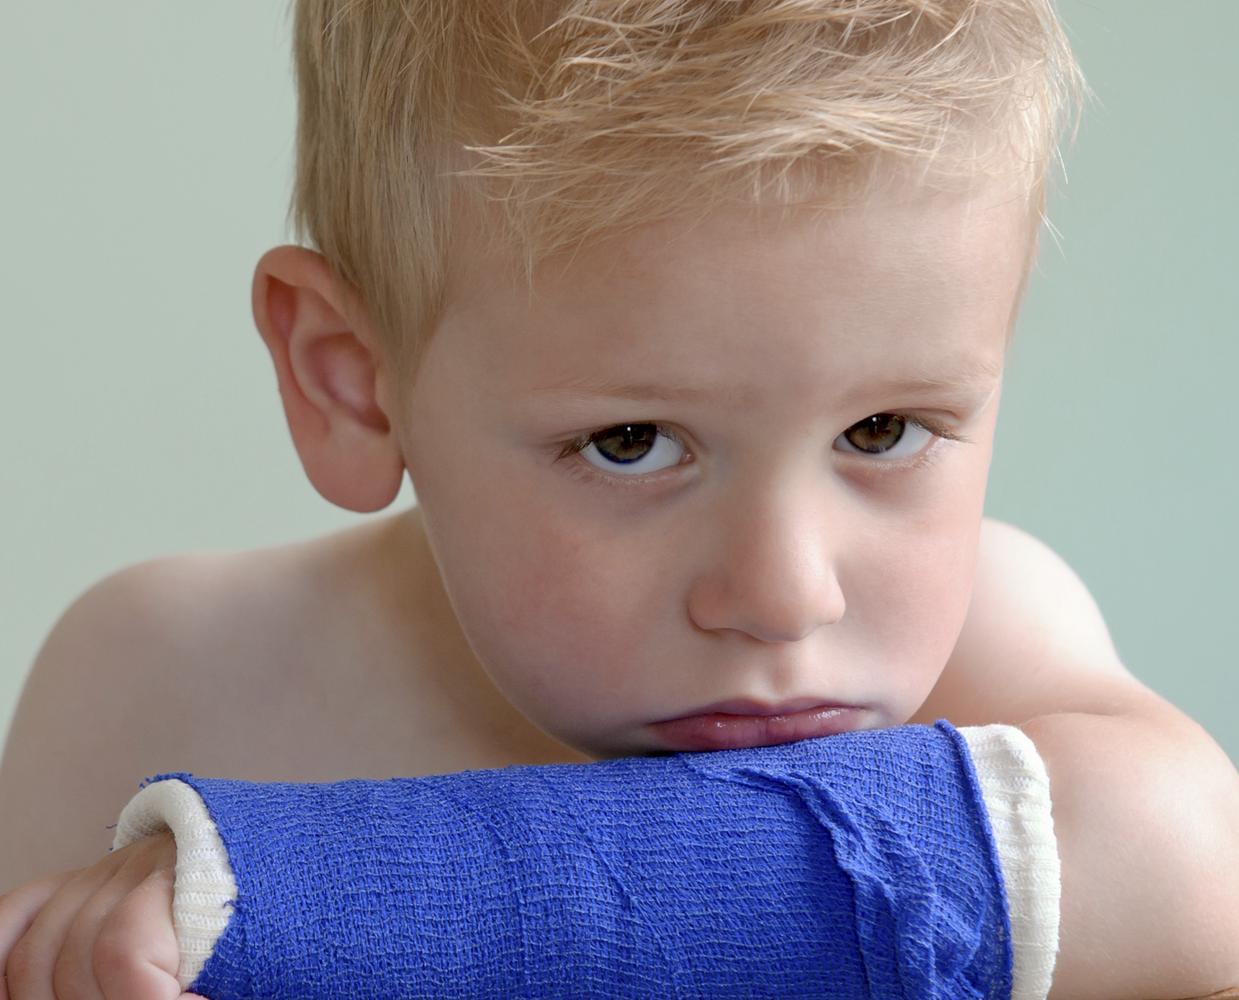 Que faire face à un membre fracturé ?